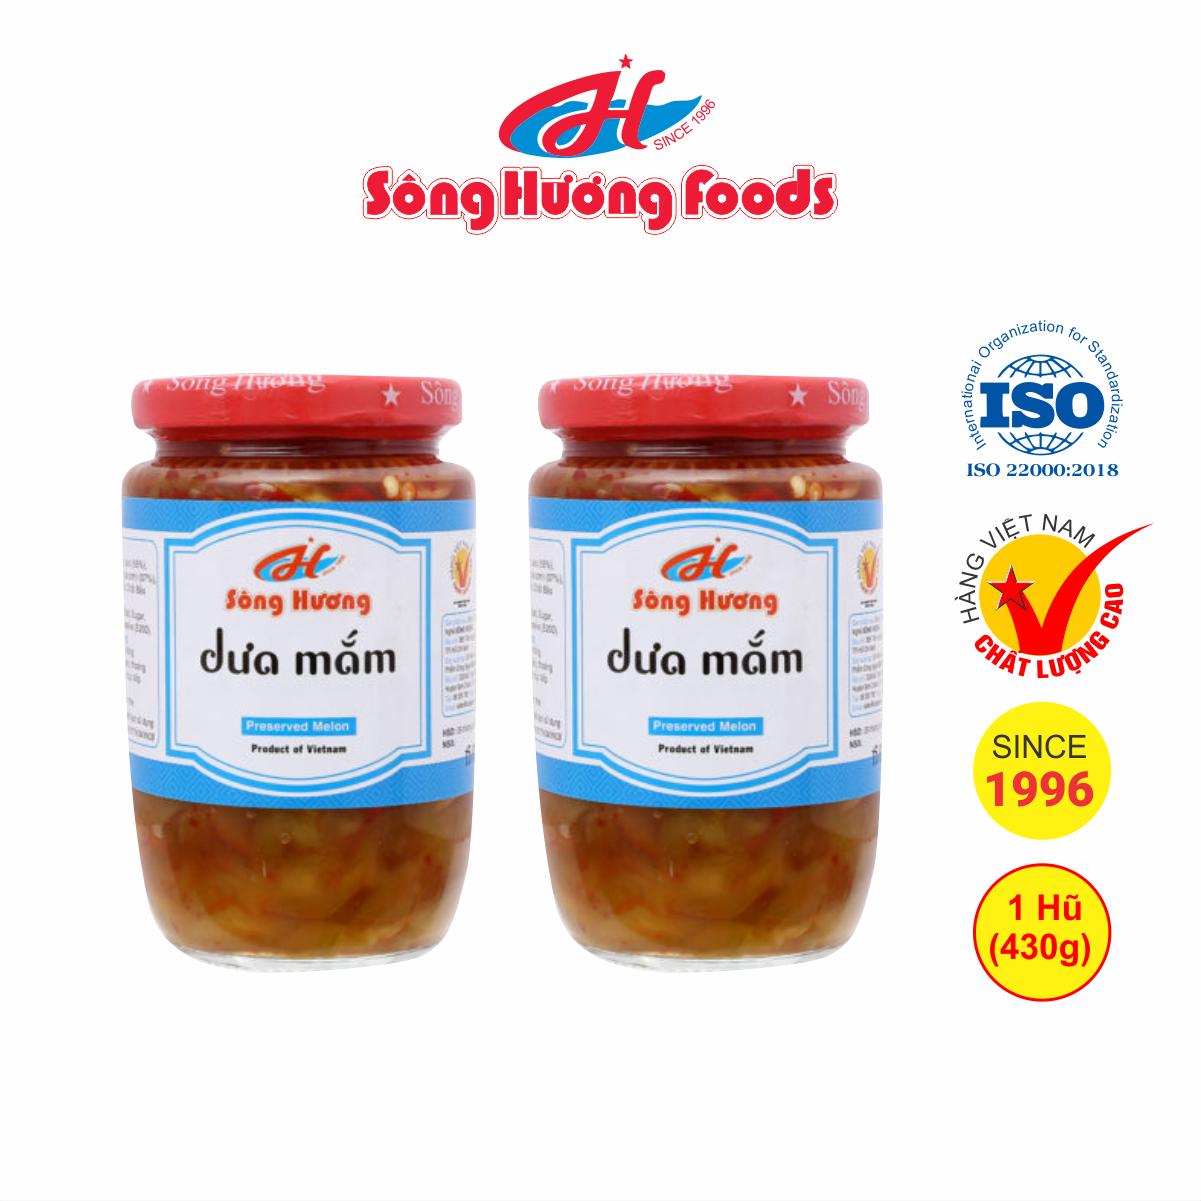 2 Hũ dưa mắm Sông Hương Foods hũ 430g